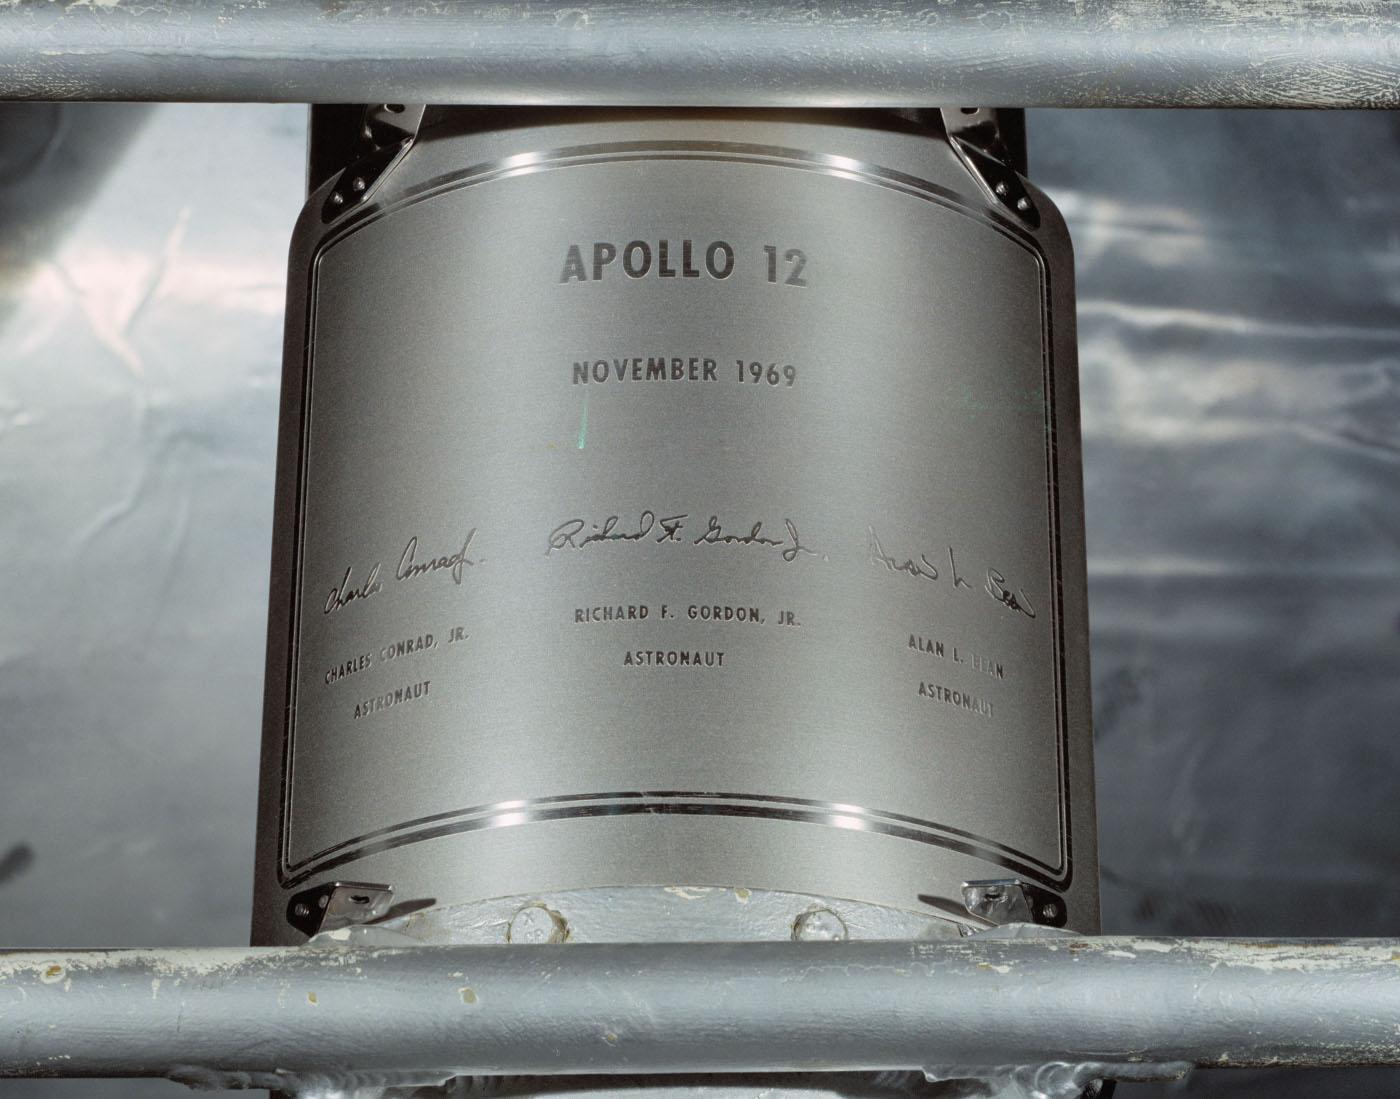 Kopie plakety zanechaná astronauty Apolla 12 na Měsíci